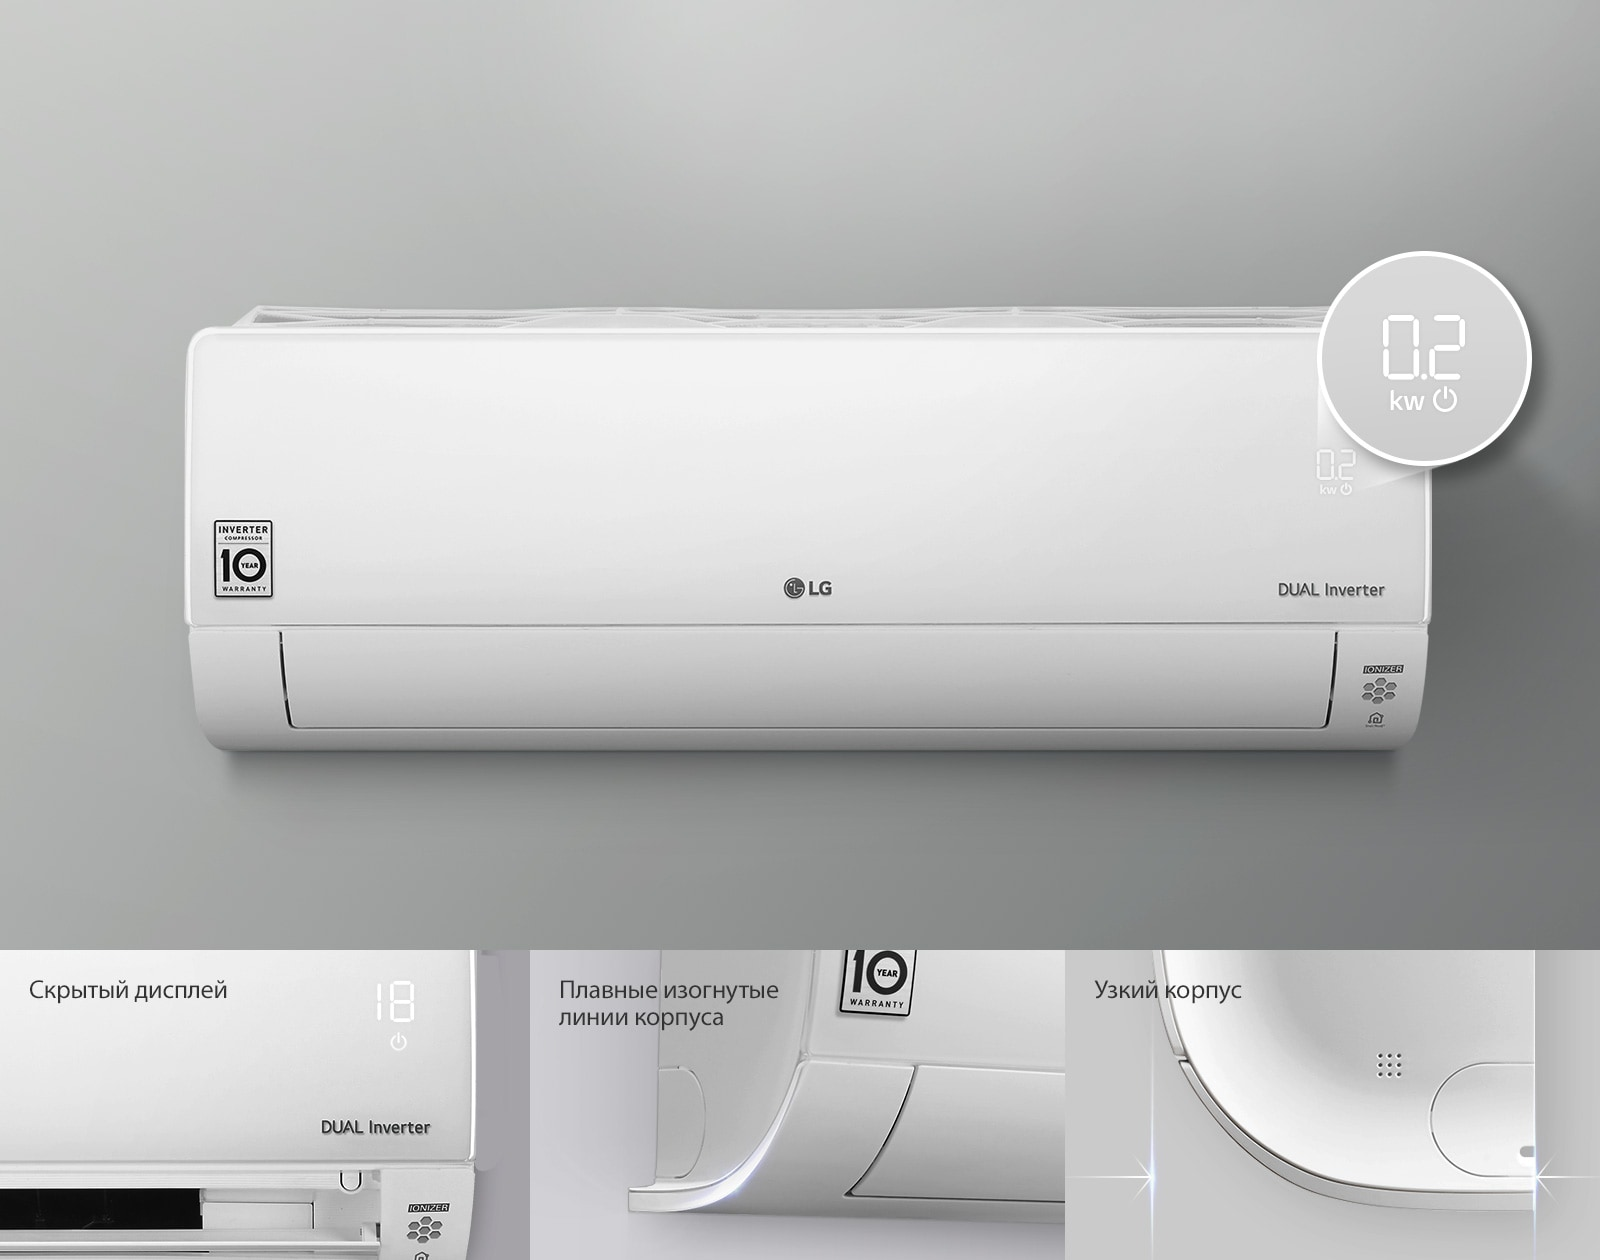 Мониторинг энергопотребления1